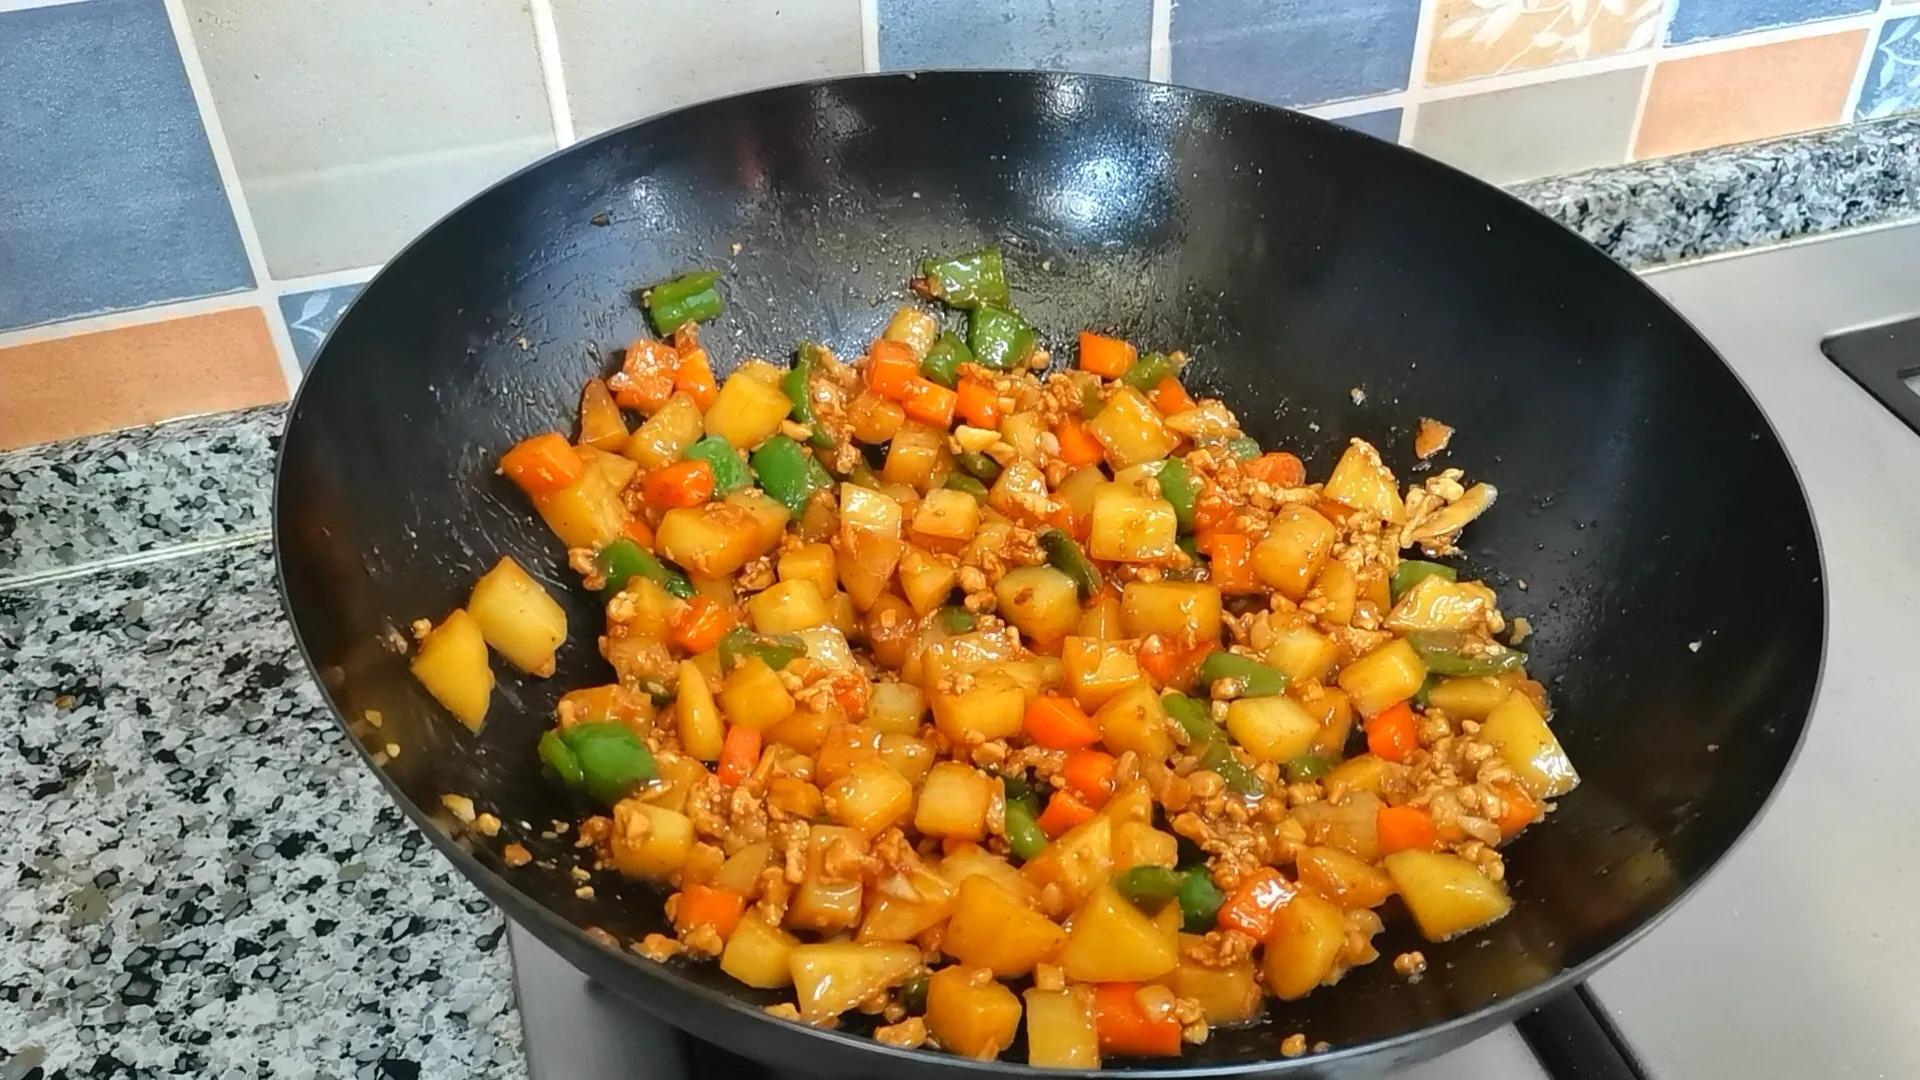 土豆的神仙吃法,连孩子都能多吃半碗饭,制作简单,好吃又营养 美食做法 第12张